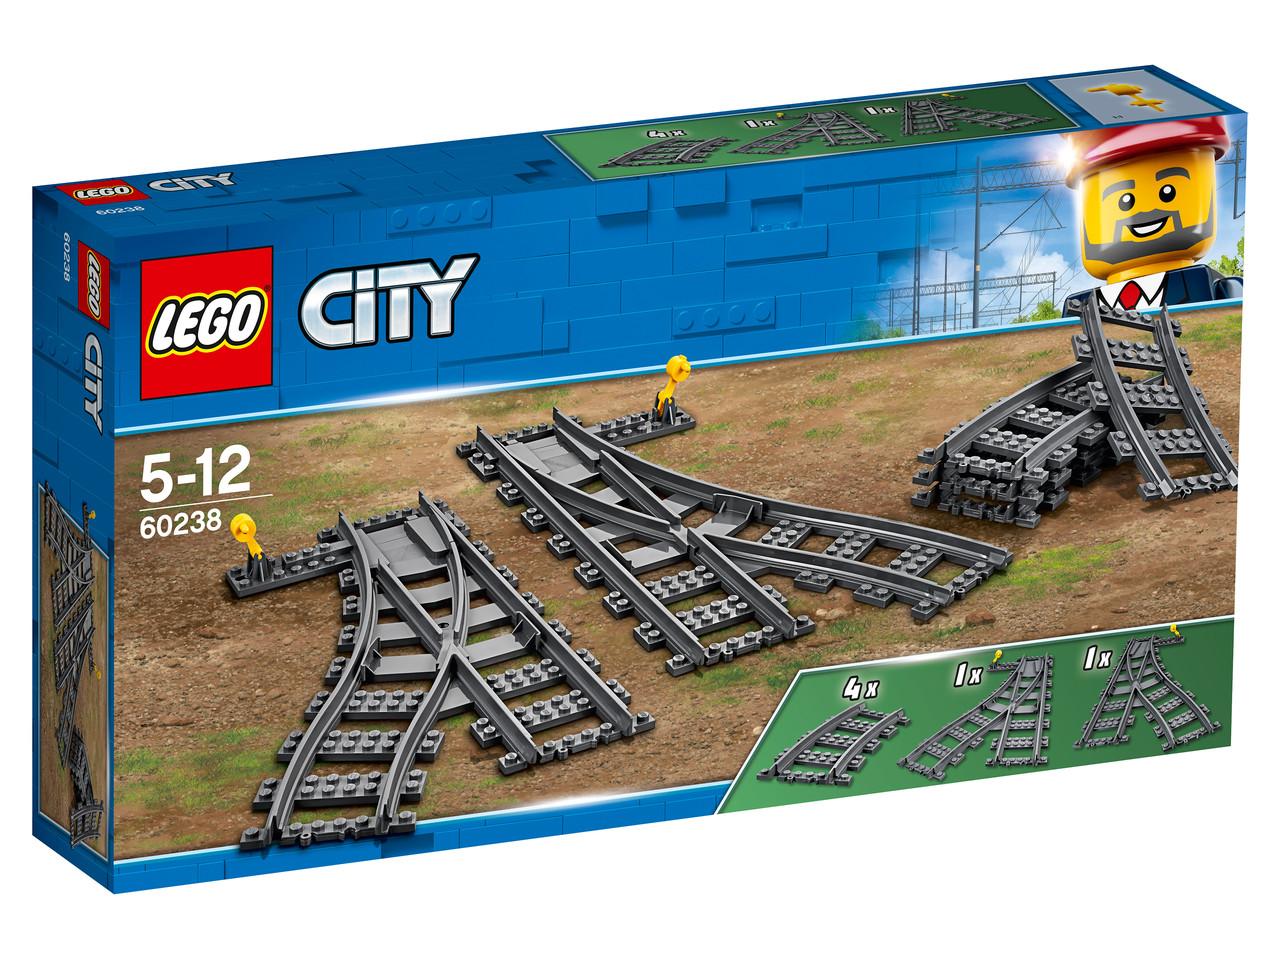 60238 Lego City Железнодорожные стрелки, Лего Город Сити